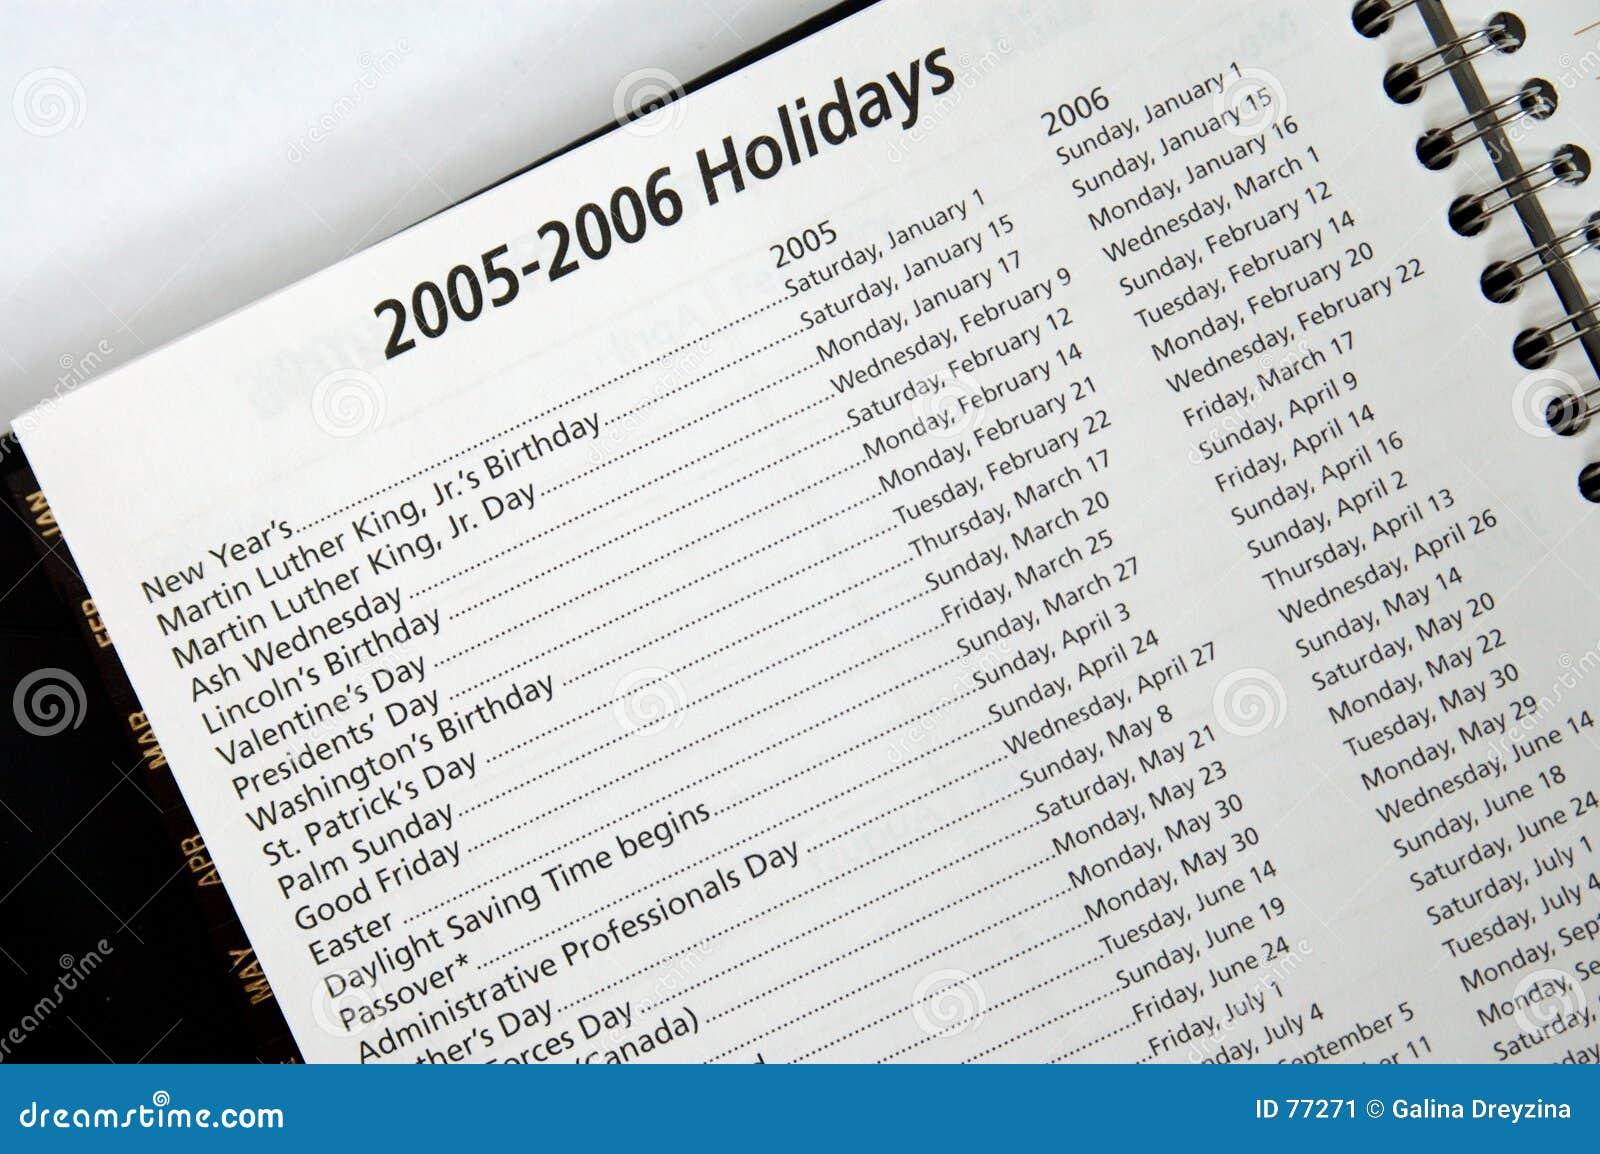 2005-2006 Feiertage